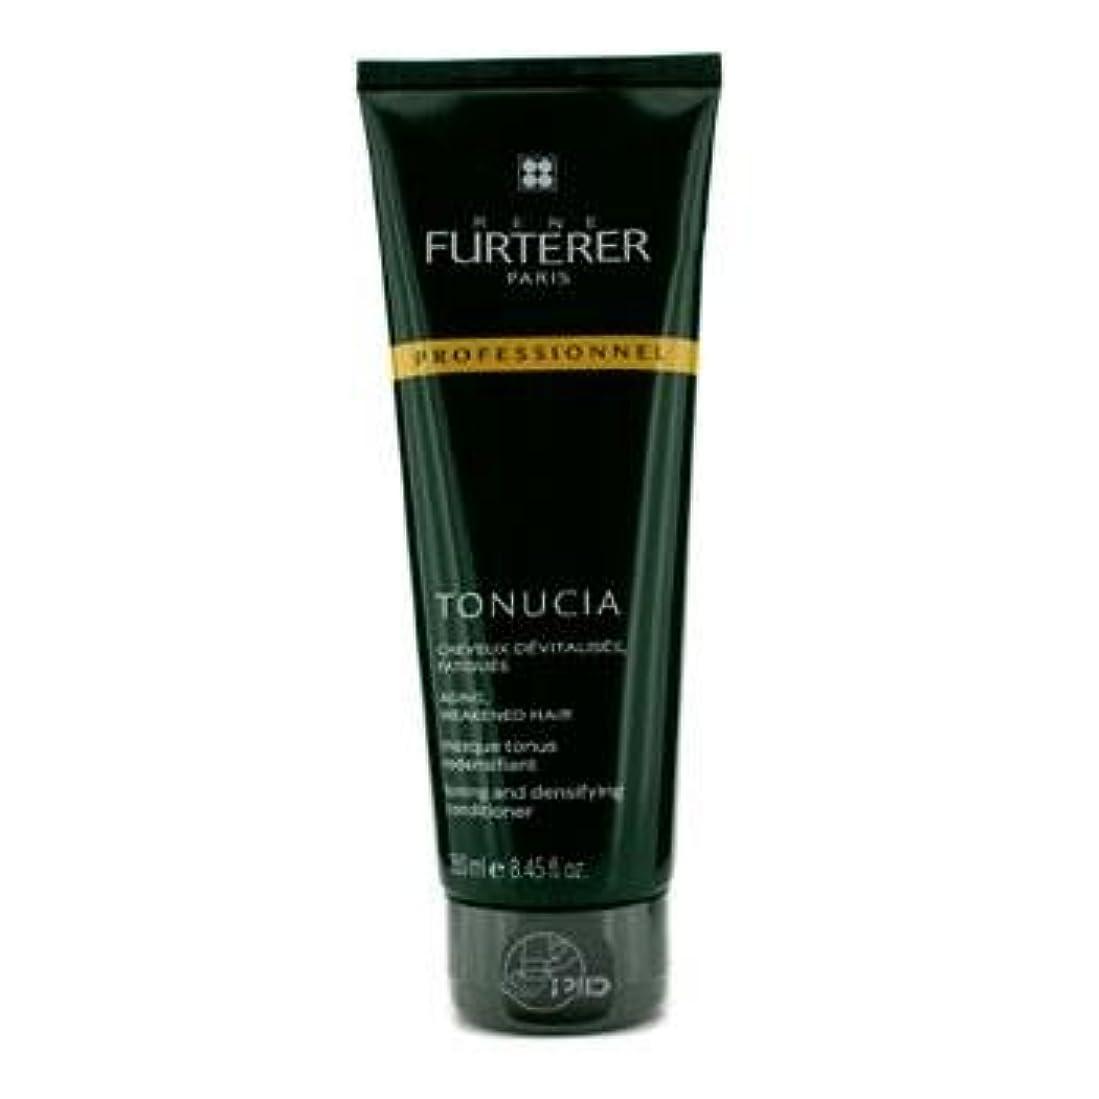 シードセンチメートル洪水ルネ フルトレール Tonucia Thickening Ritual Toning and Densifying Mask - Distressed, Thinning Hair (Salon Product) 250ml...